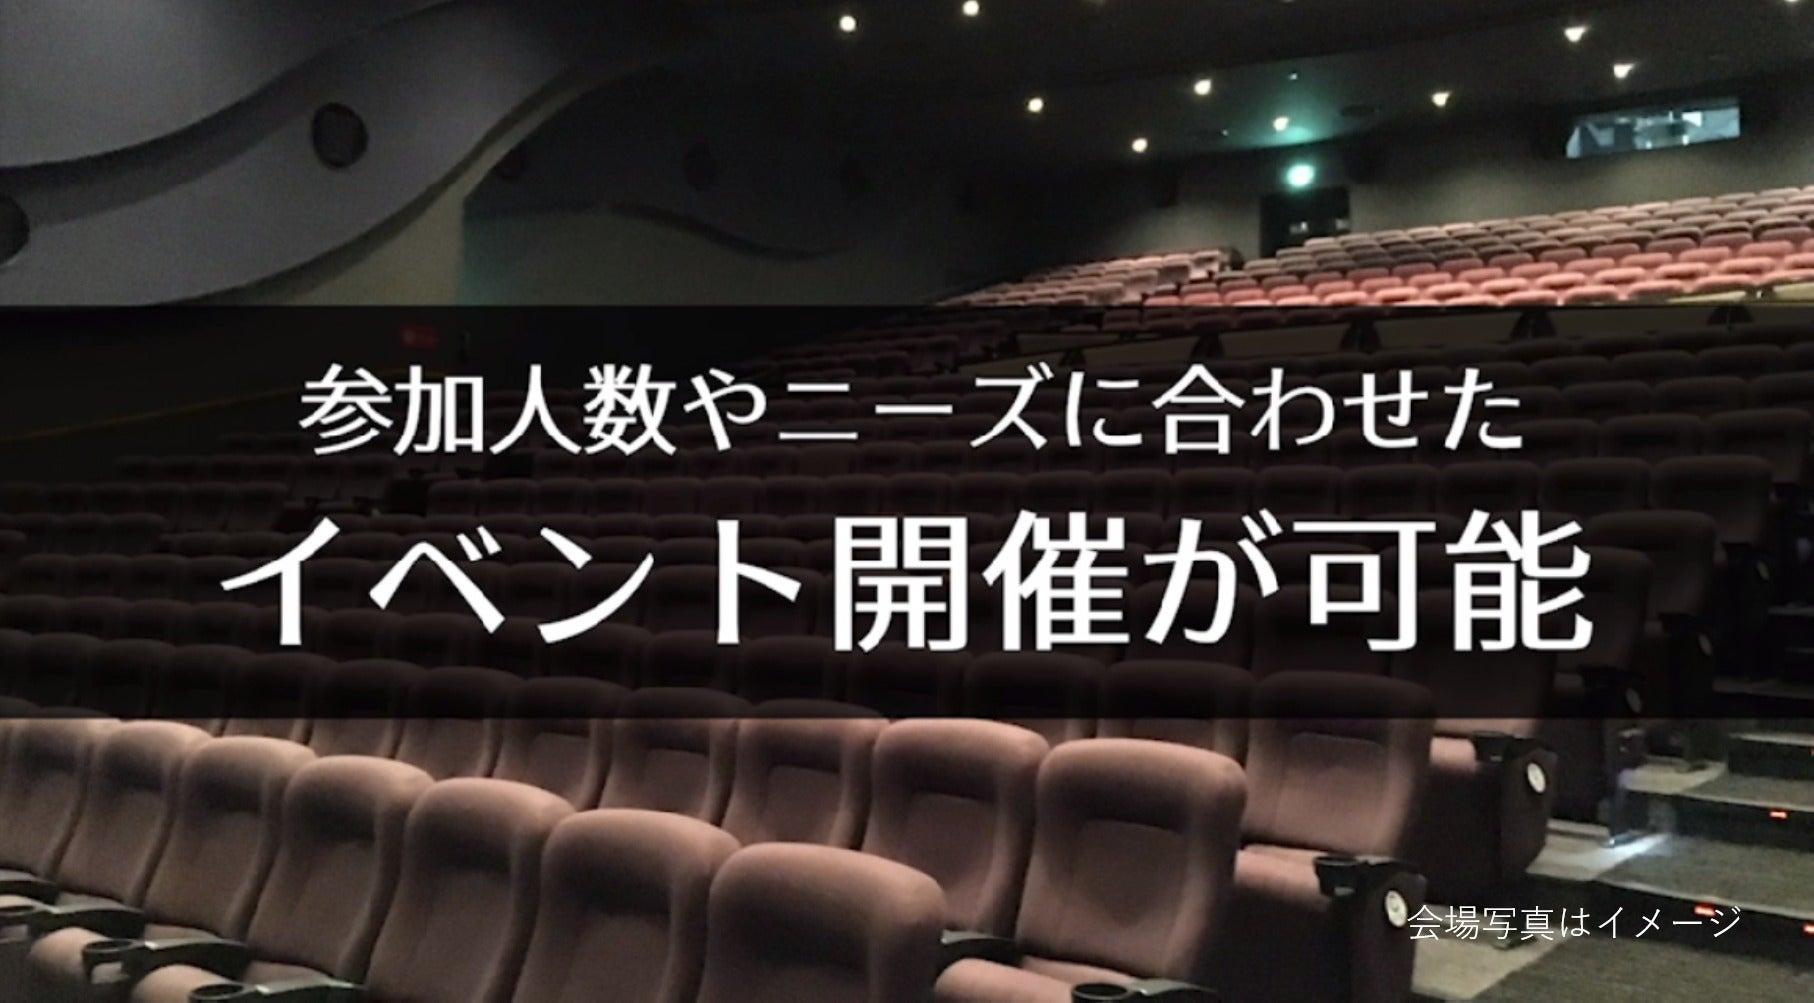 【水戸 153席】映画館で、会社説明会、株主総会、講演会の企画はいかがですか?(ユナイテッド・シネマ水戸) の写真0